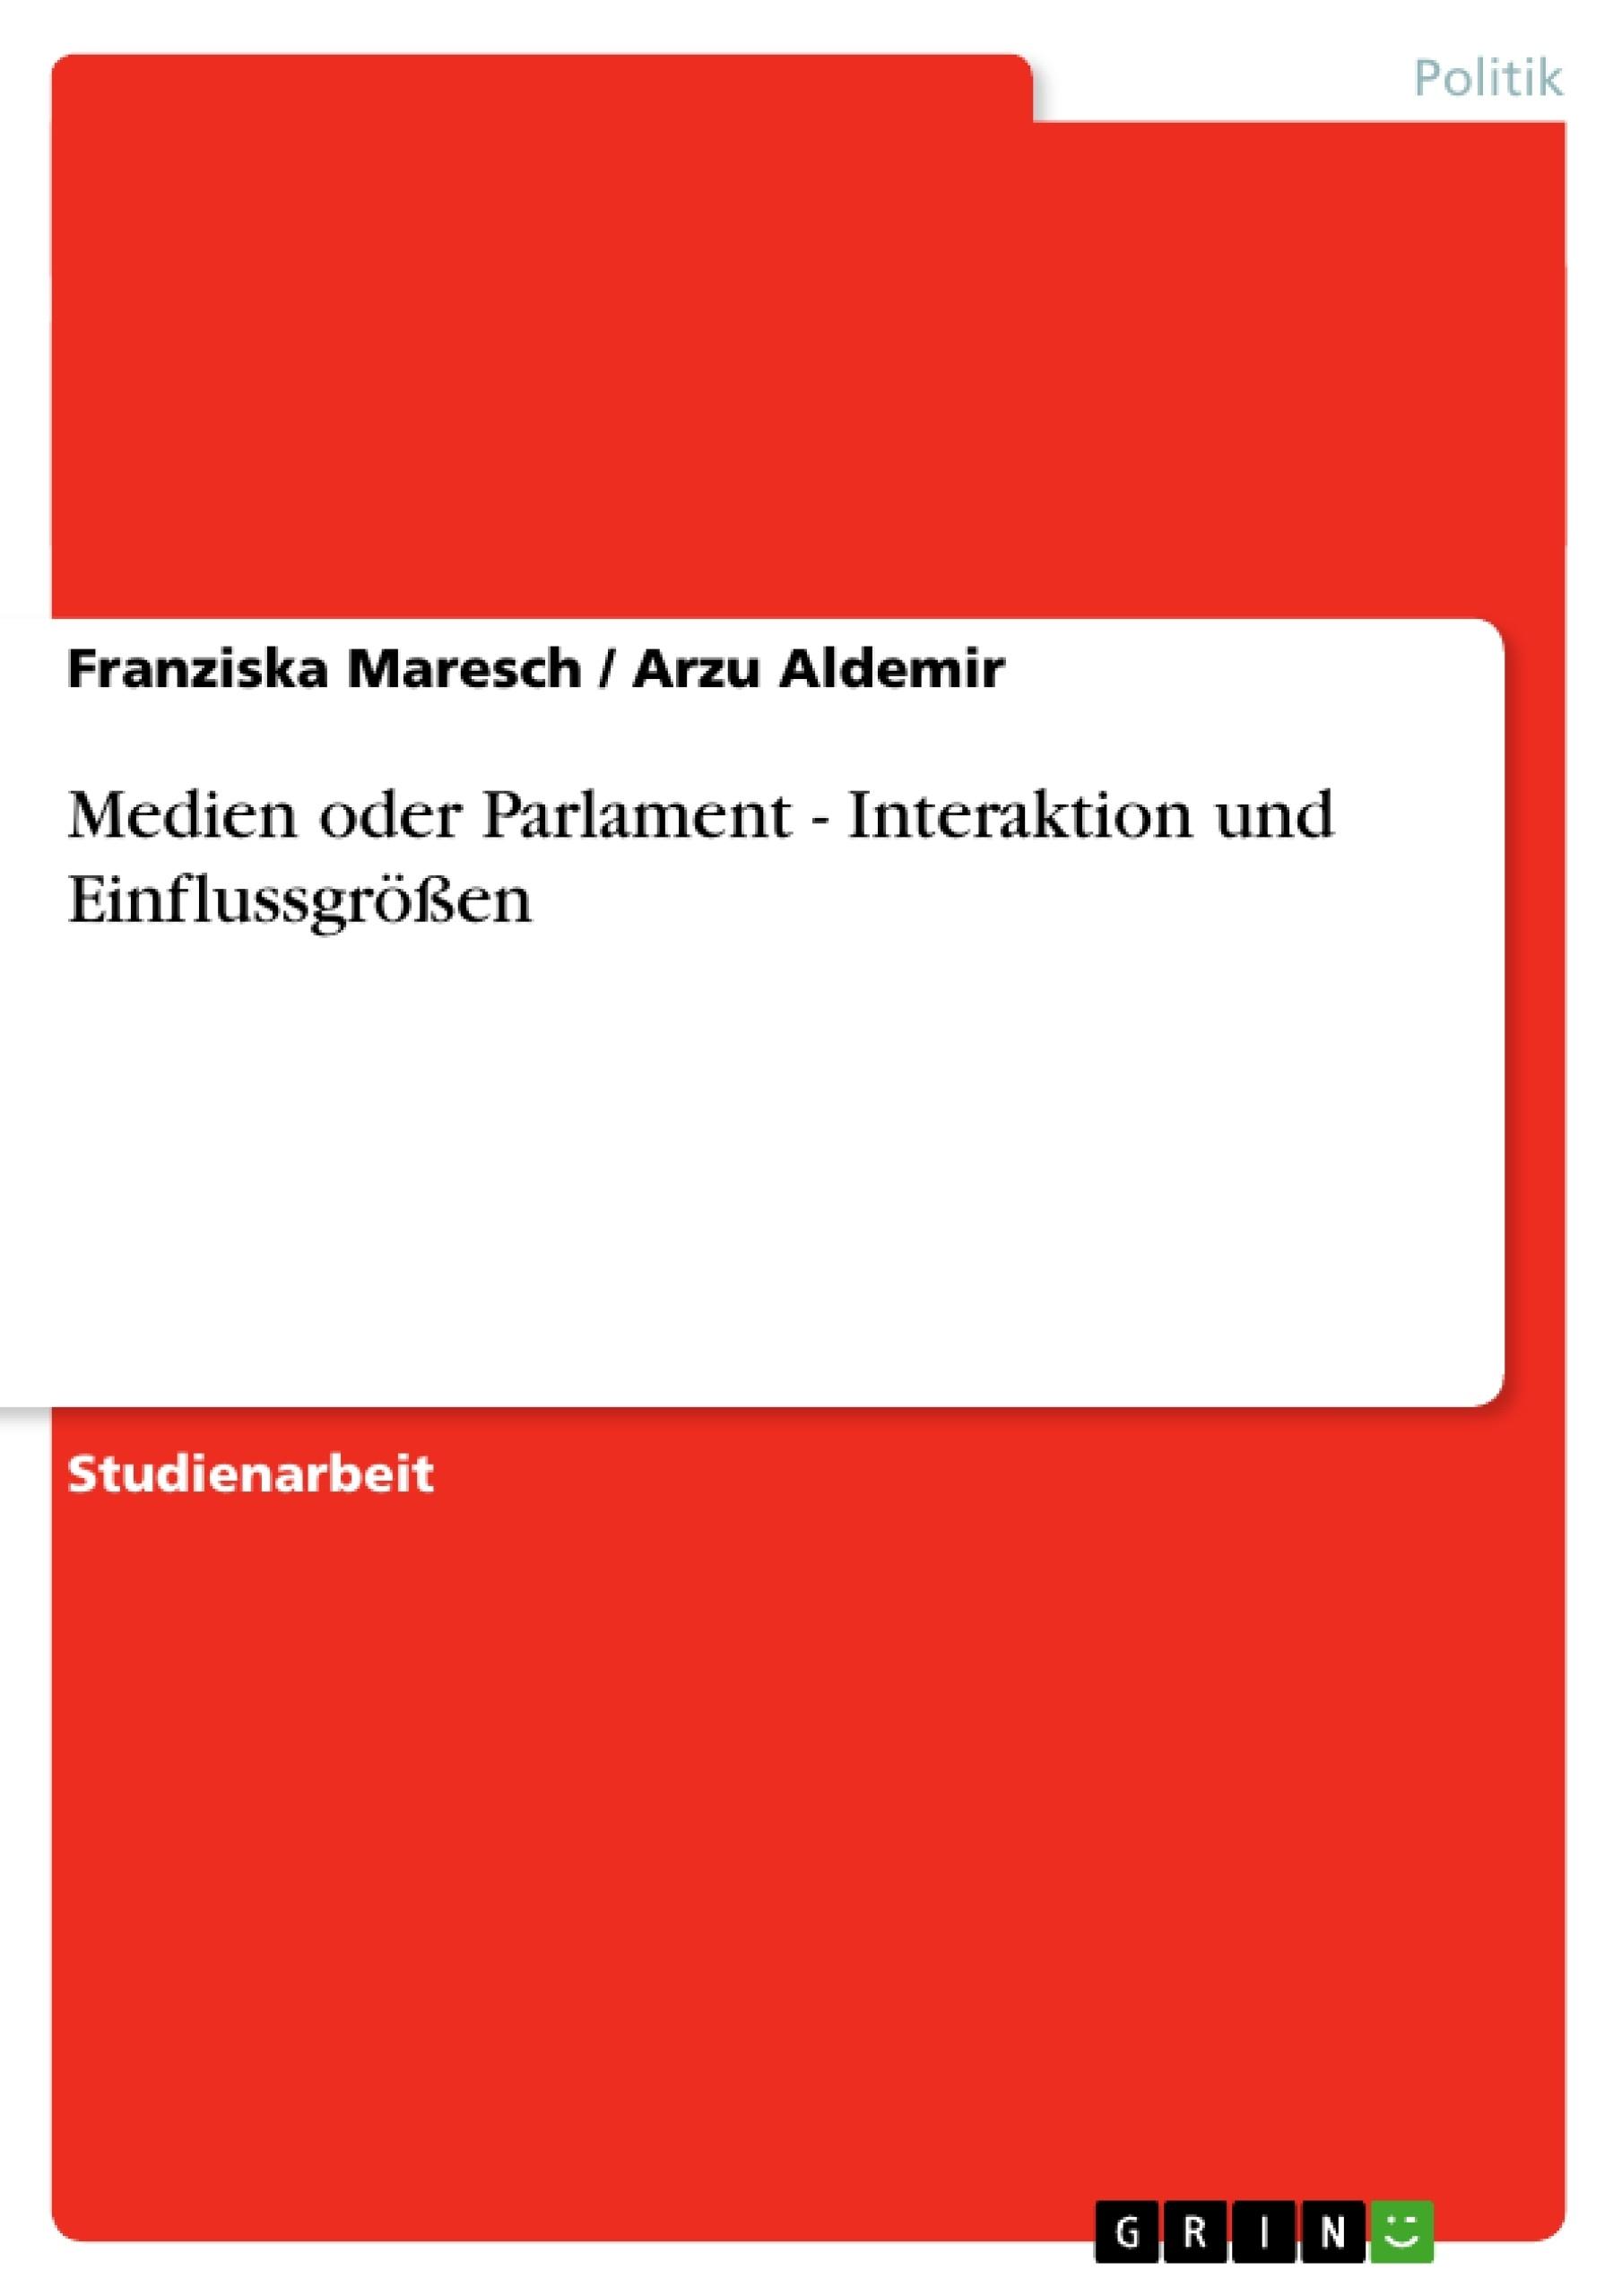 Titel: Medien oder Parlament - Interaktion und Einflussgrößen